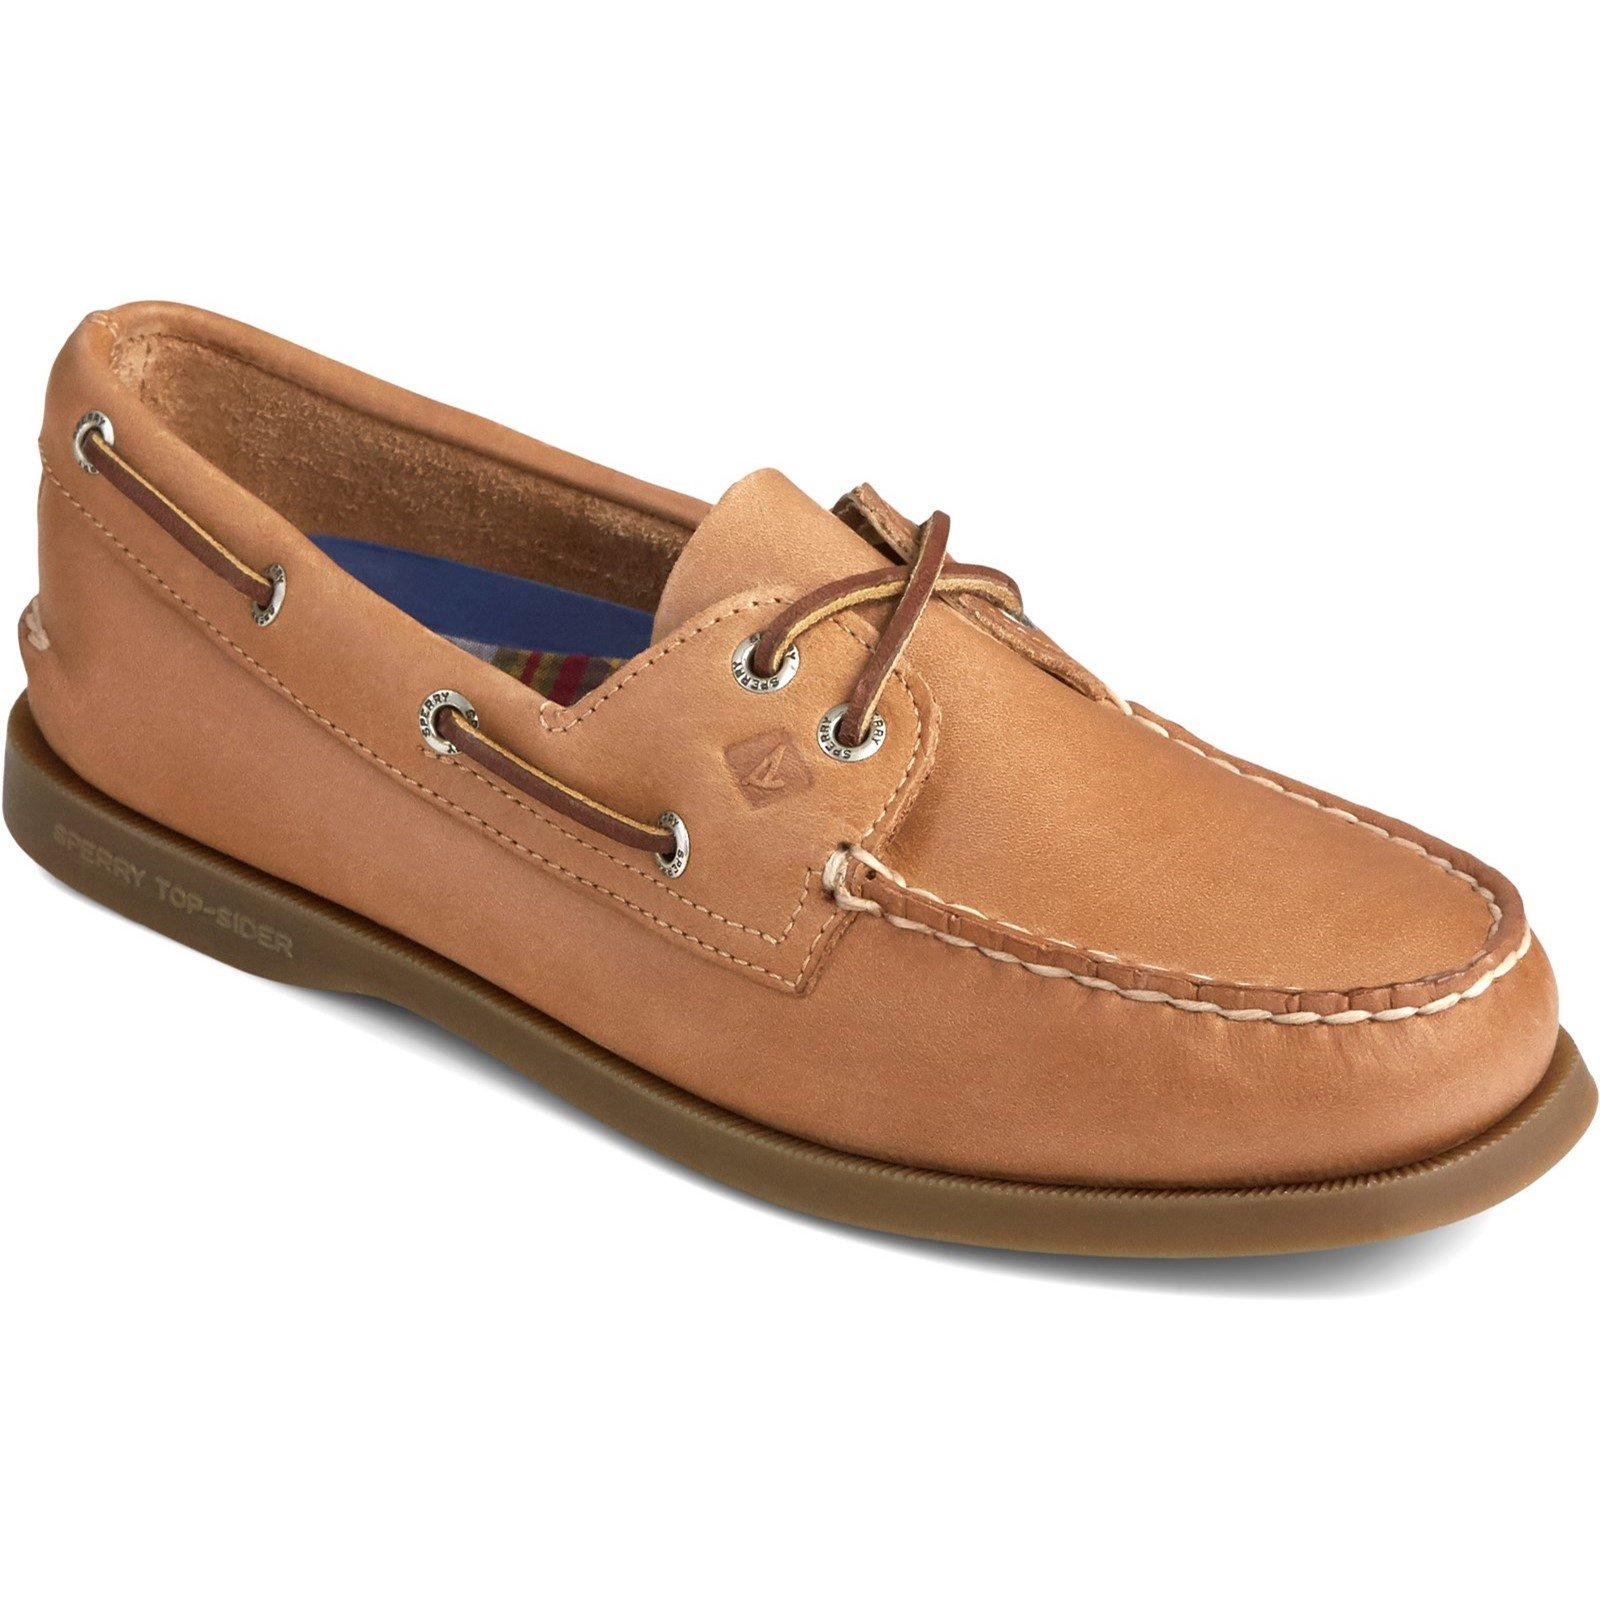 Sperry Women's Authentic Original Boat Shoe Various Colours 31535 - Nutmeg 3.5